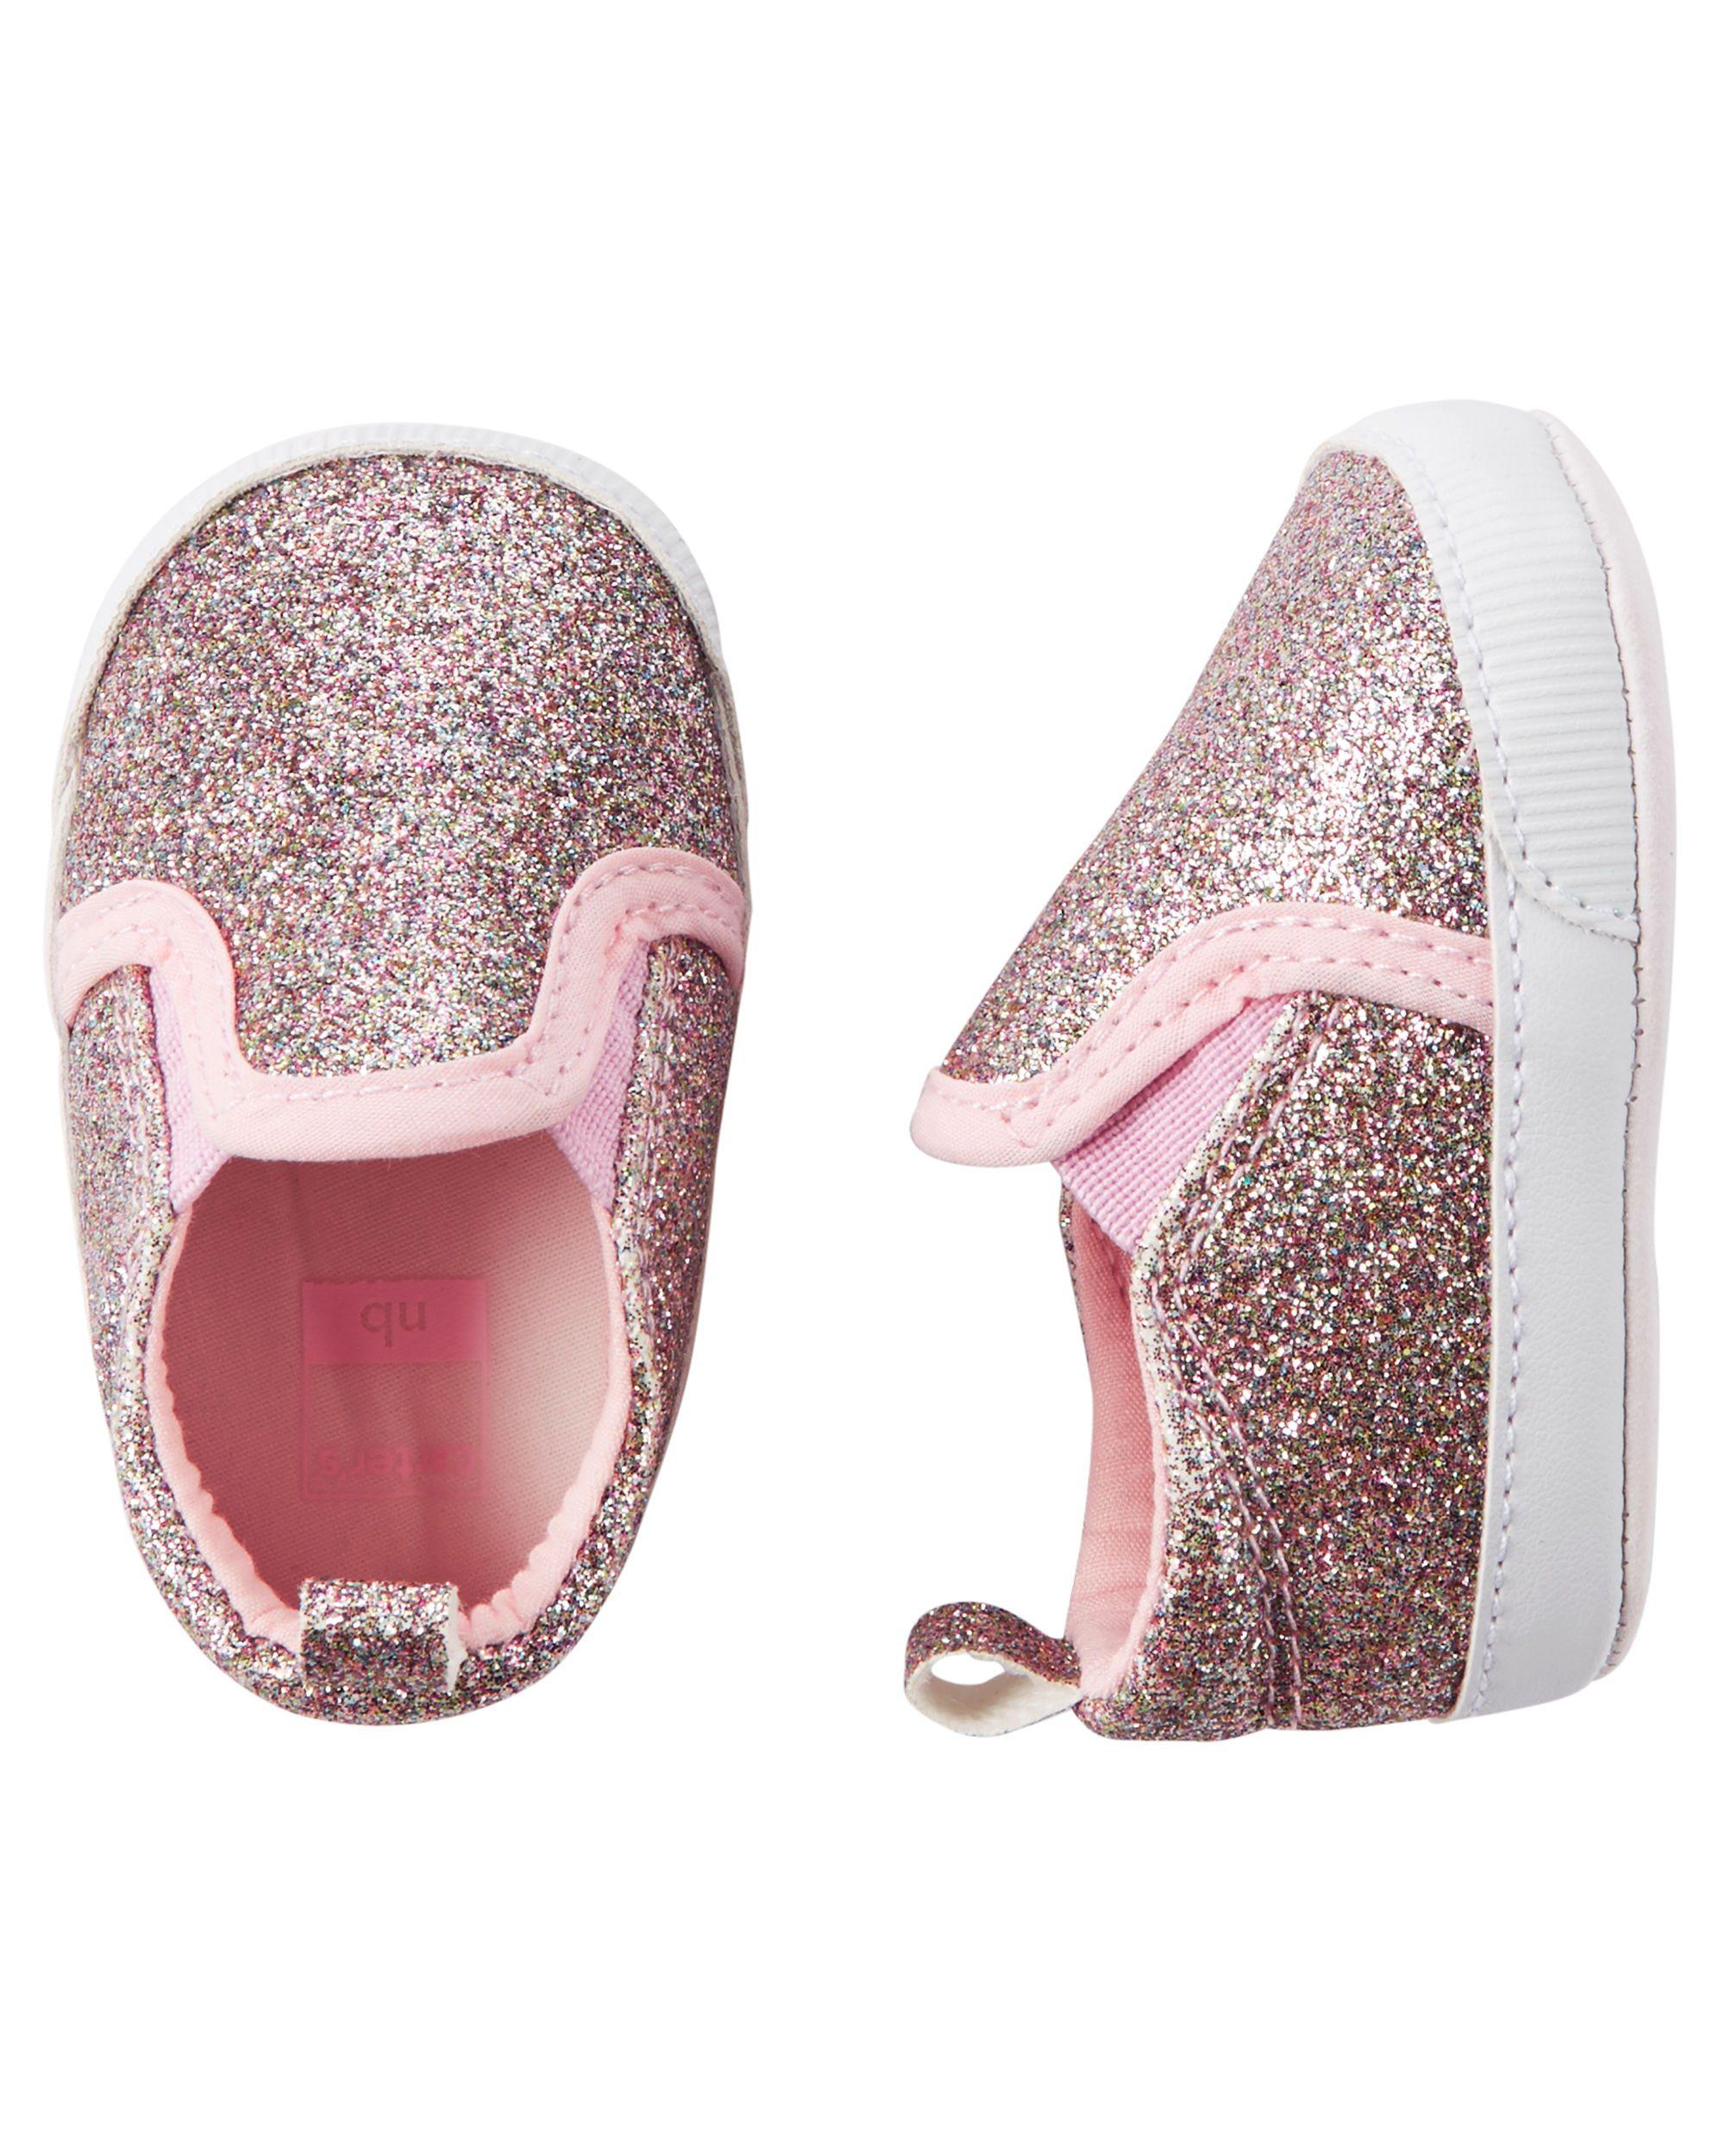 Carter's Glitter Slip-On Crib Shoes